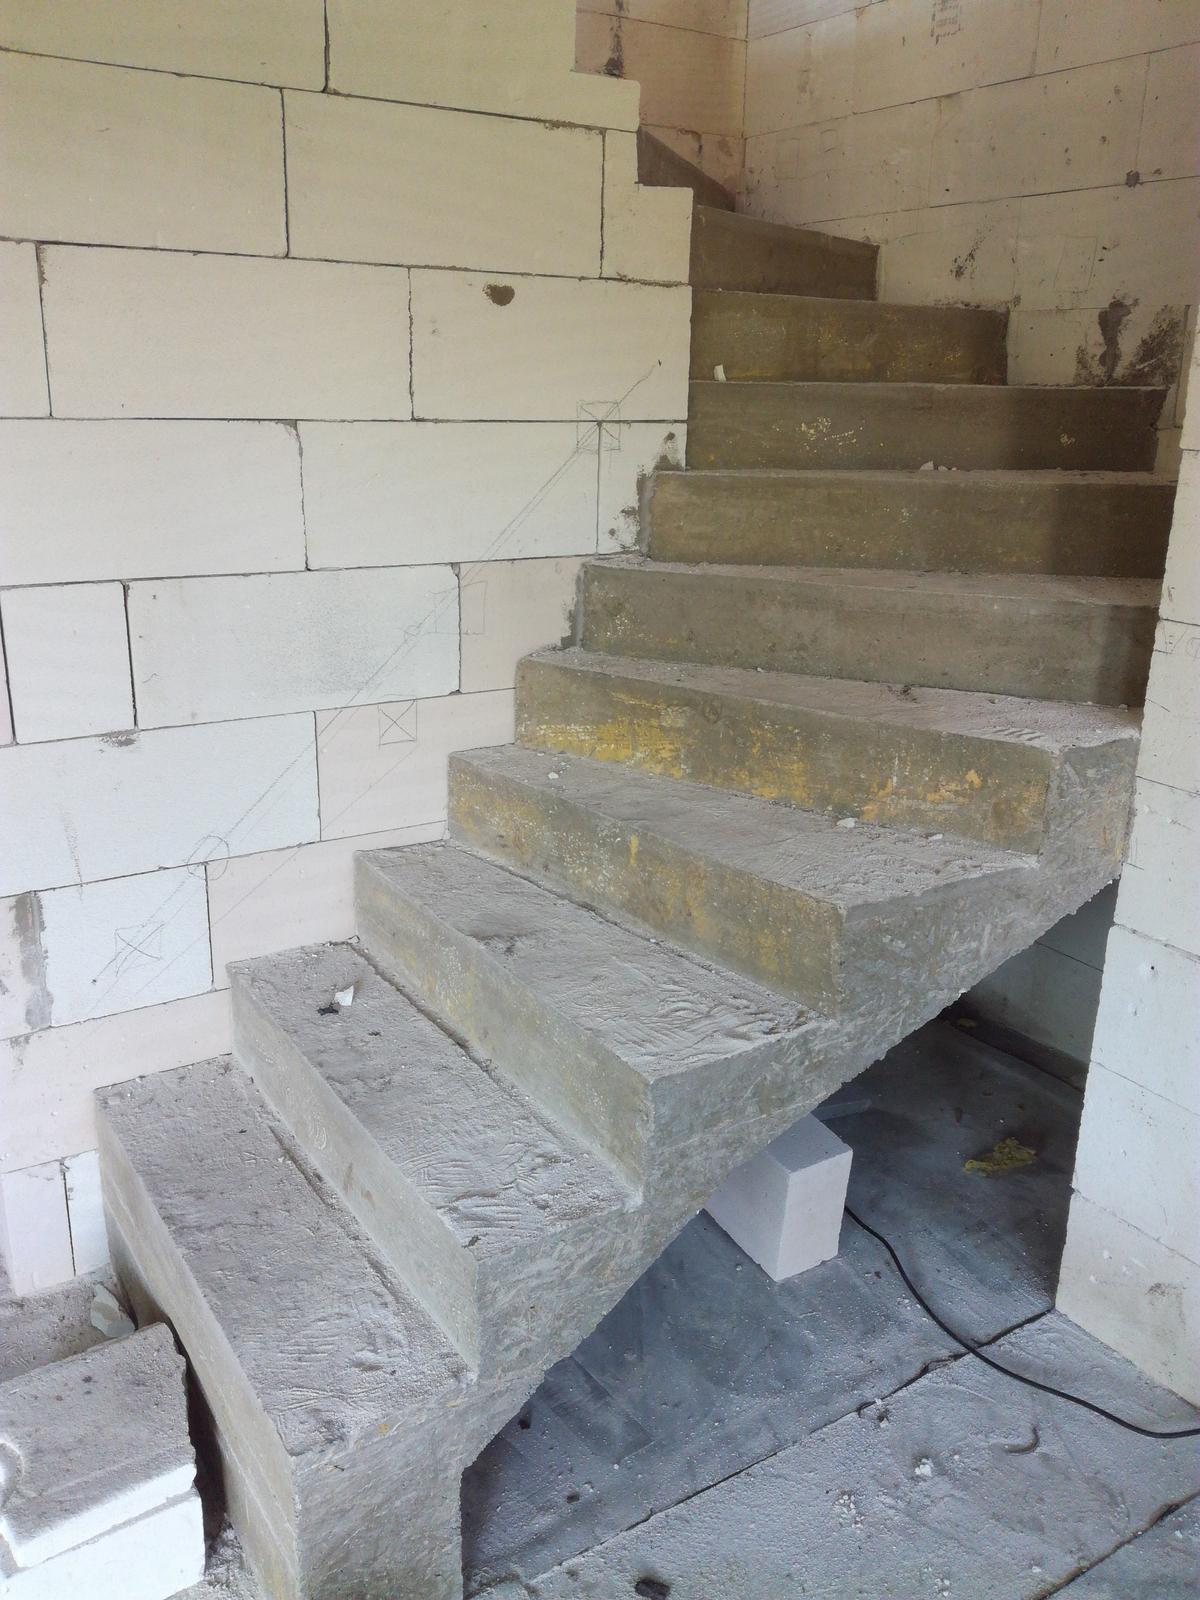 Chci osvětlit schodiště do... - Obrázek č. 1